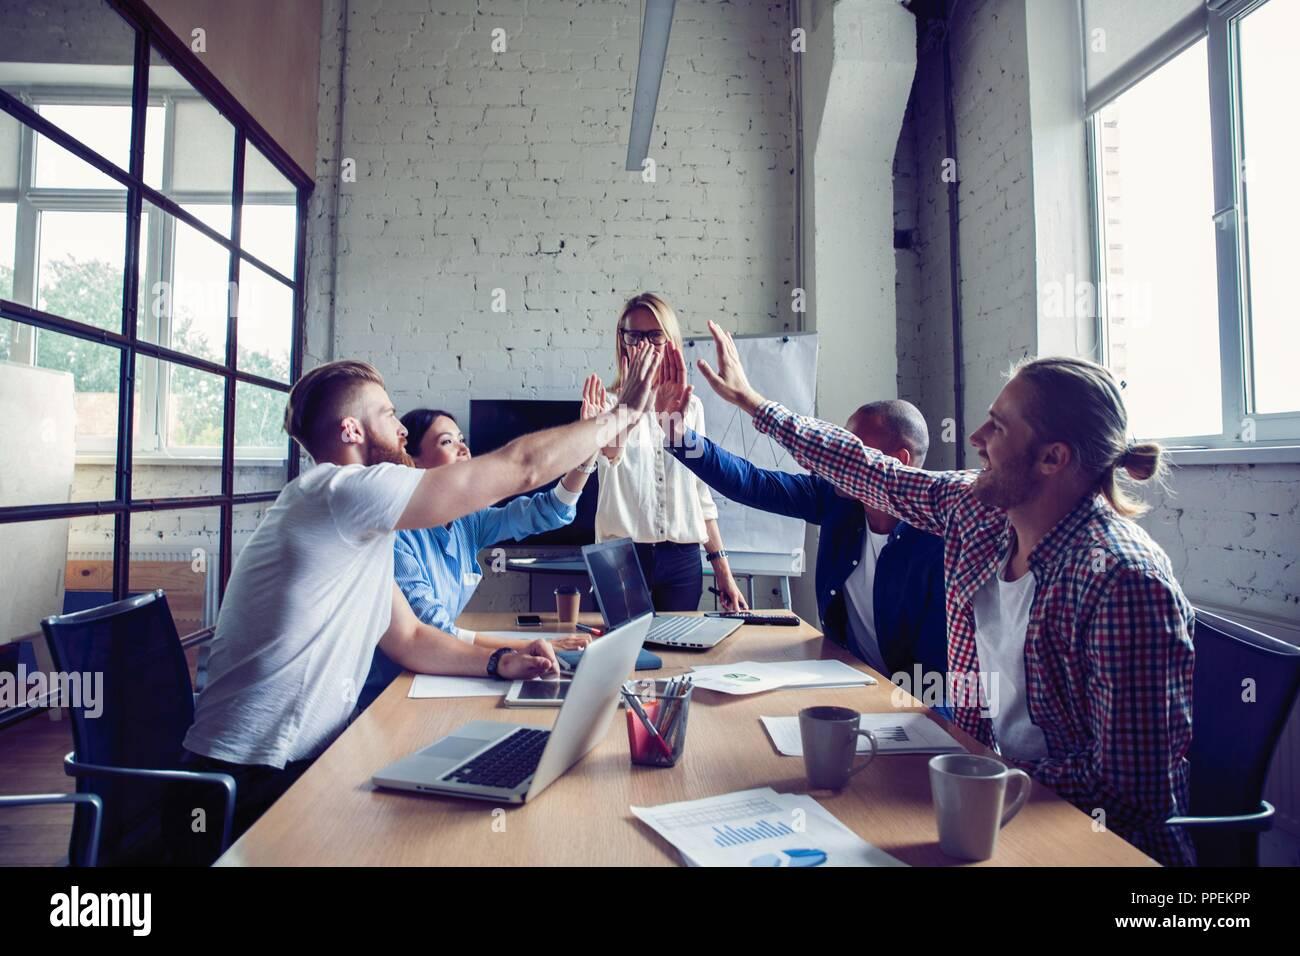 Gerne erfolgreiche multirassischen Business Team eine High Fives Geste, als sie lachen und ihren Erfolg feiern. Stockfoto